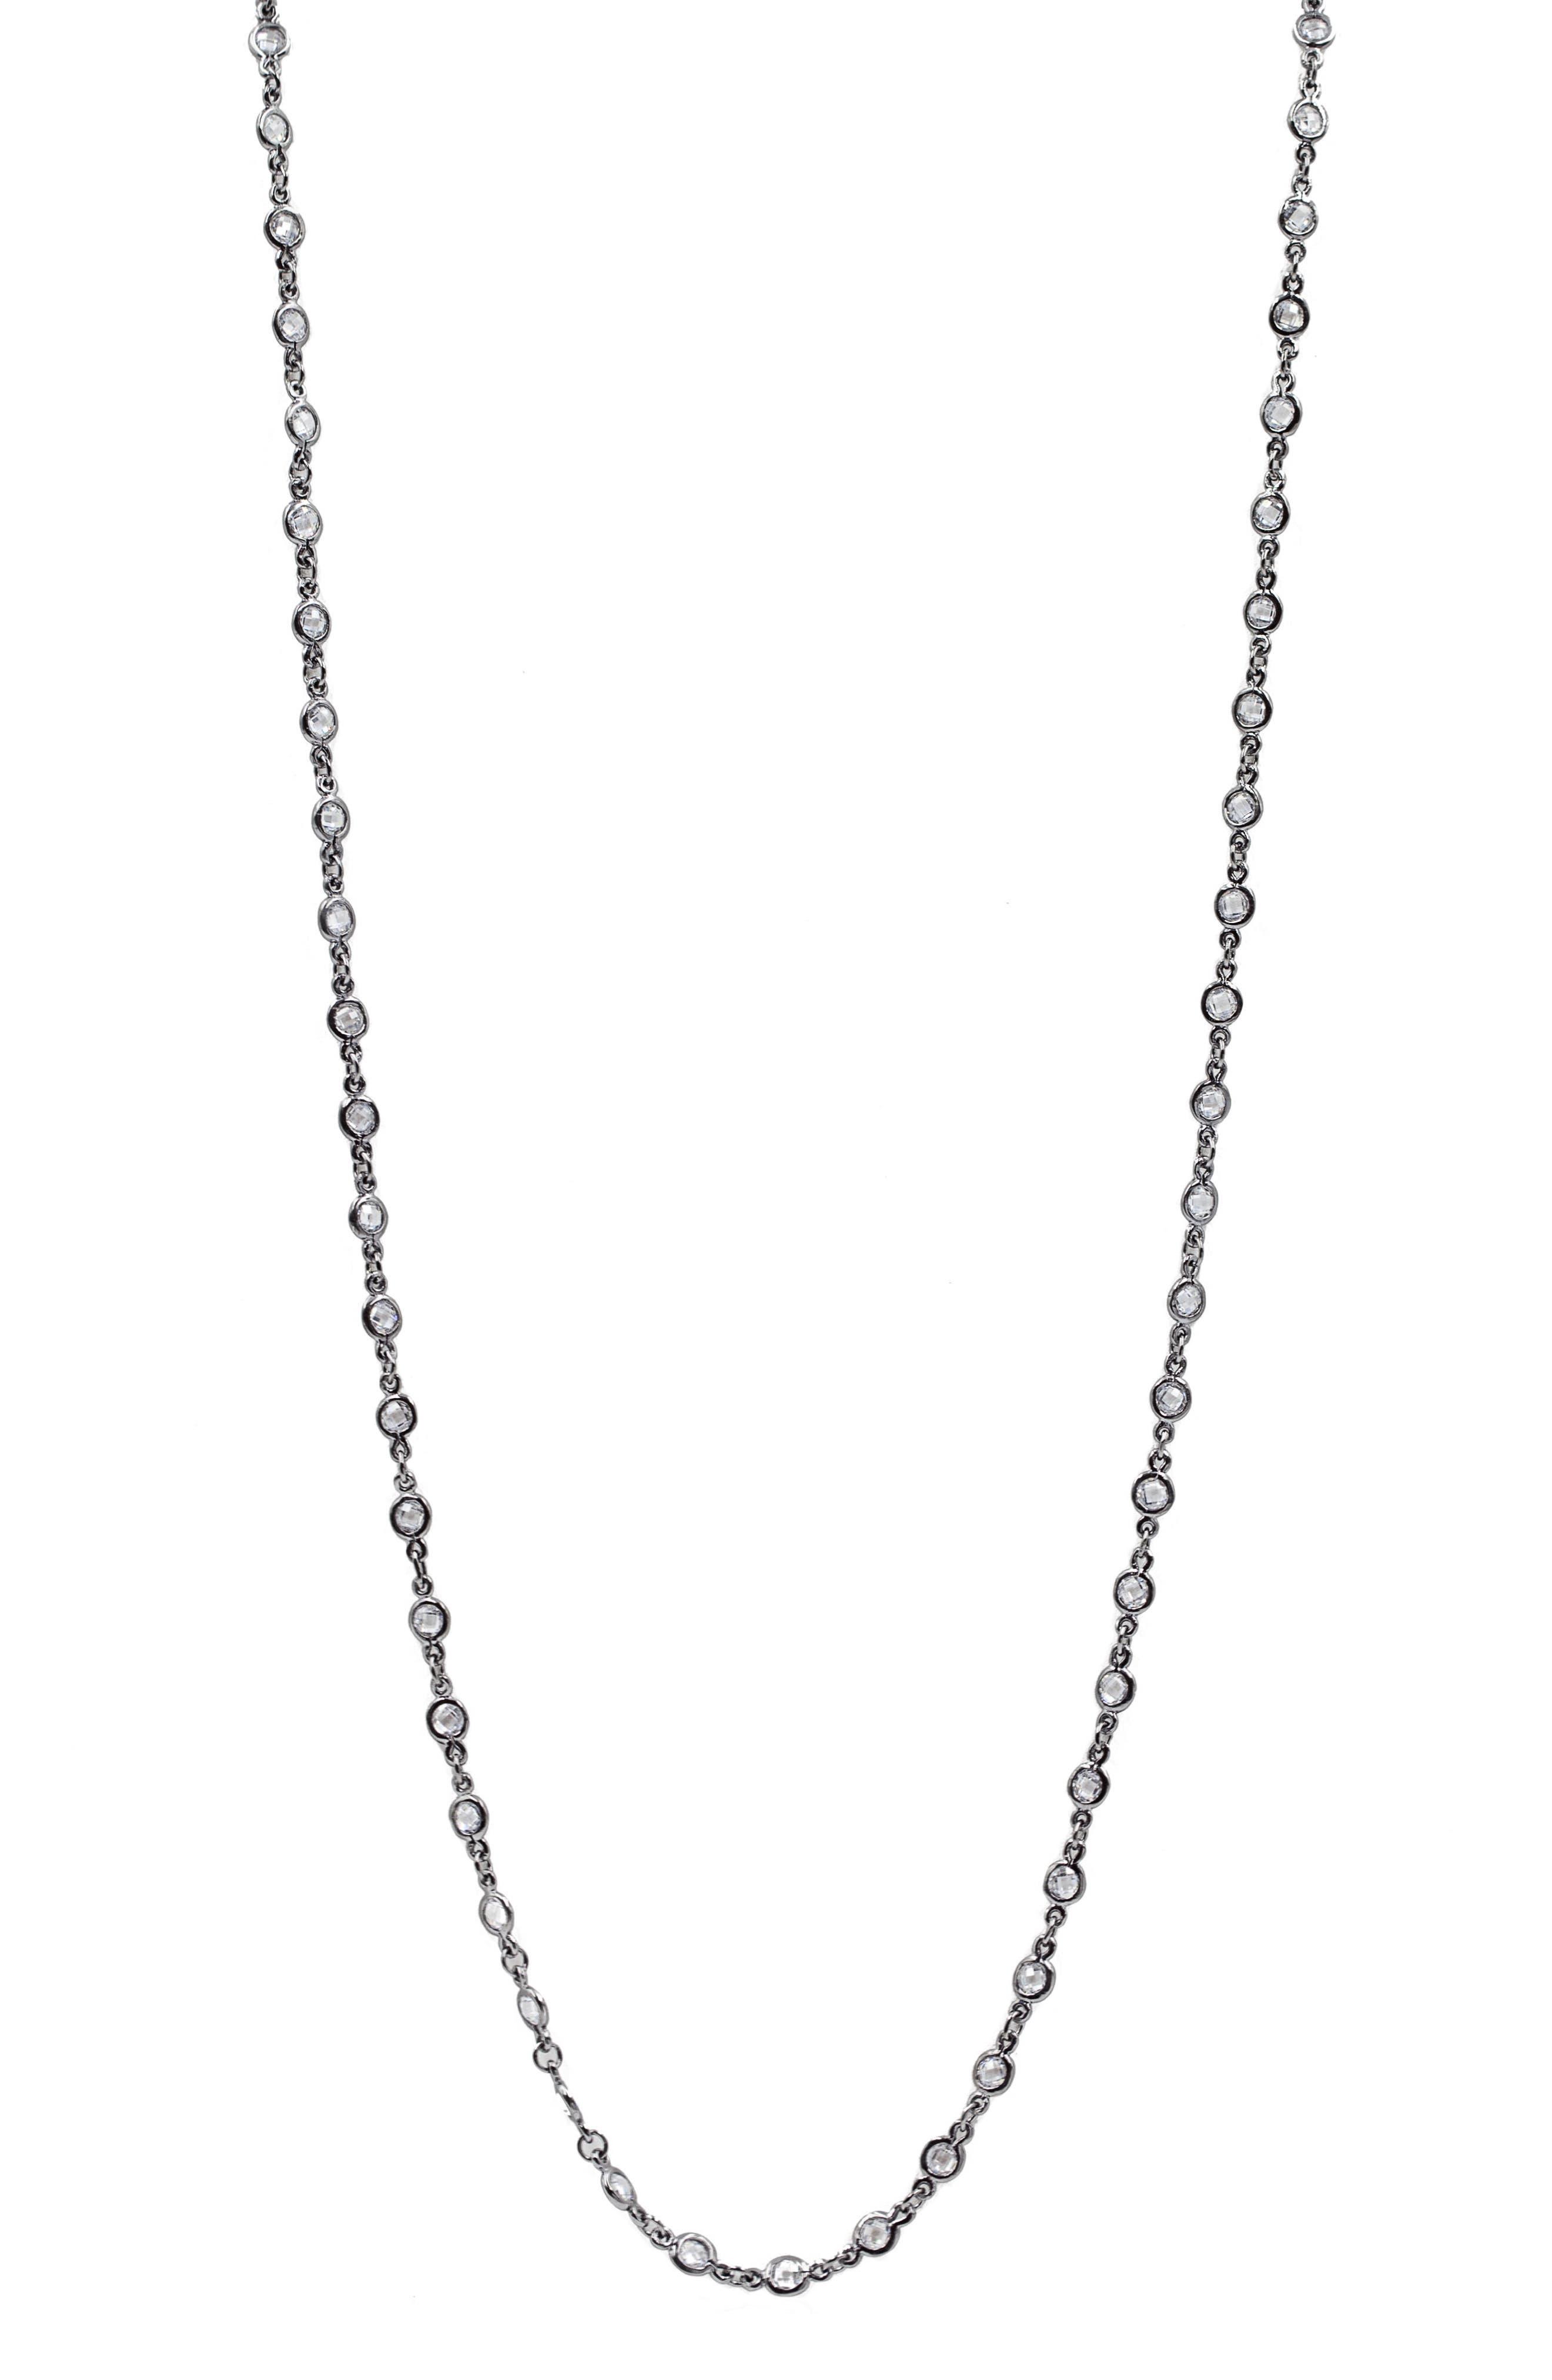 Alternate Image 1 Selected - FREIDA ROTHMAN Signature Radiance Necklace